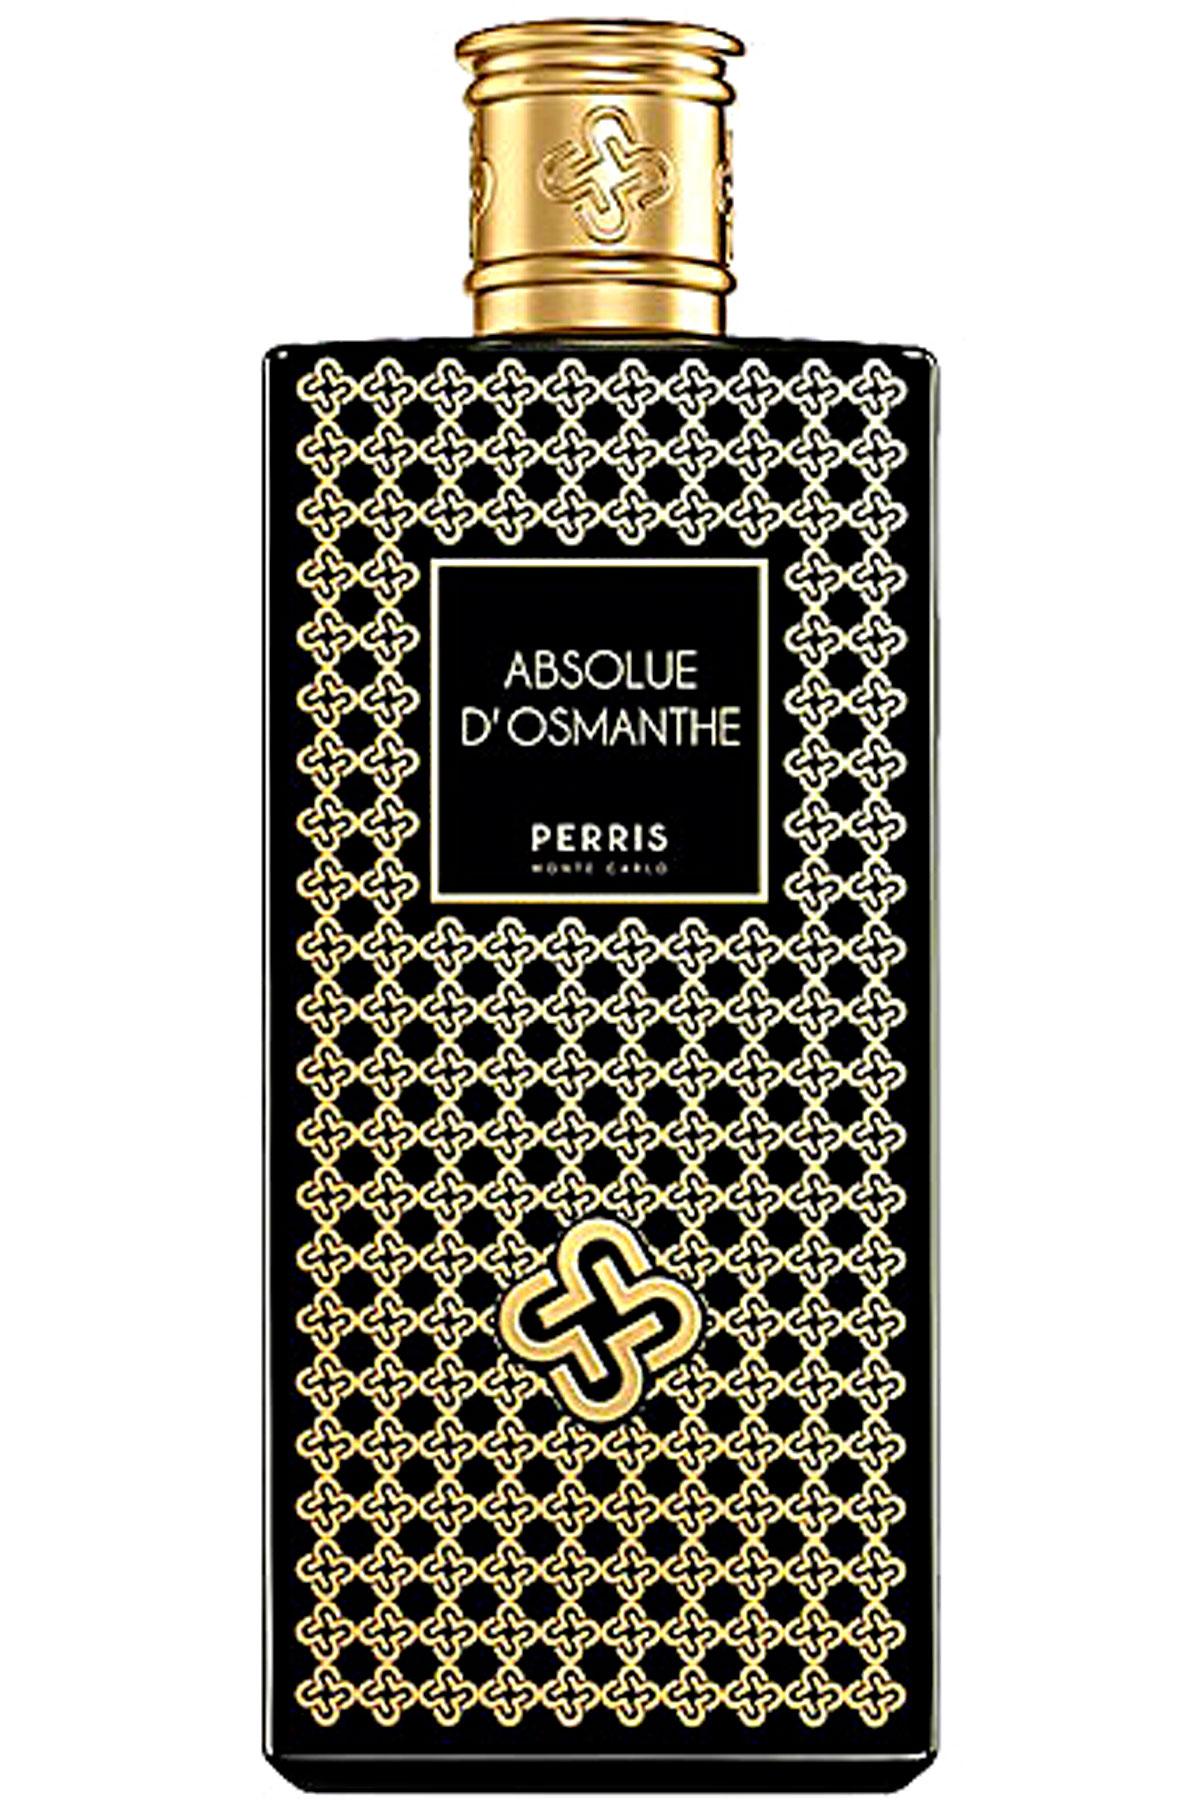 Perris Monte Carlo Fragrances for Men, Absolue D Osmanthe - Eau De Parfum - 100 Ml, 2019, 100 ml